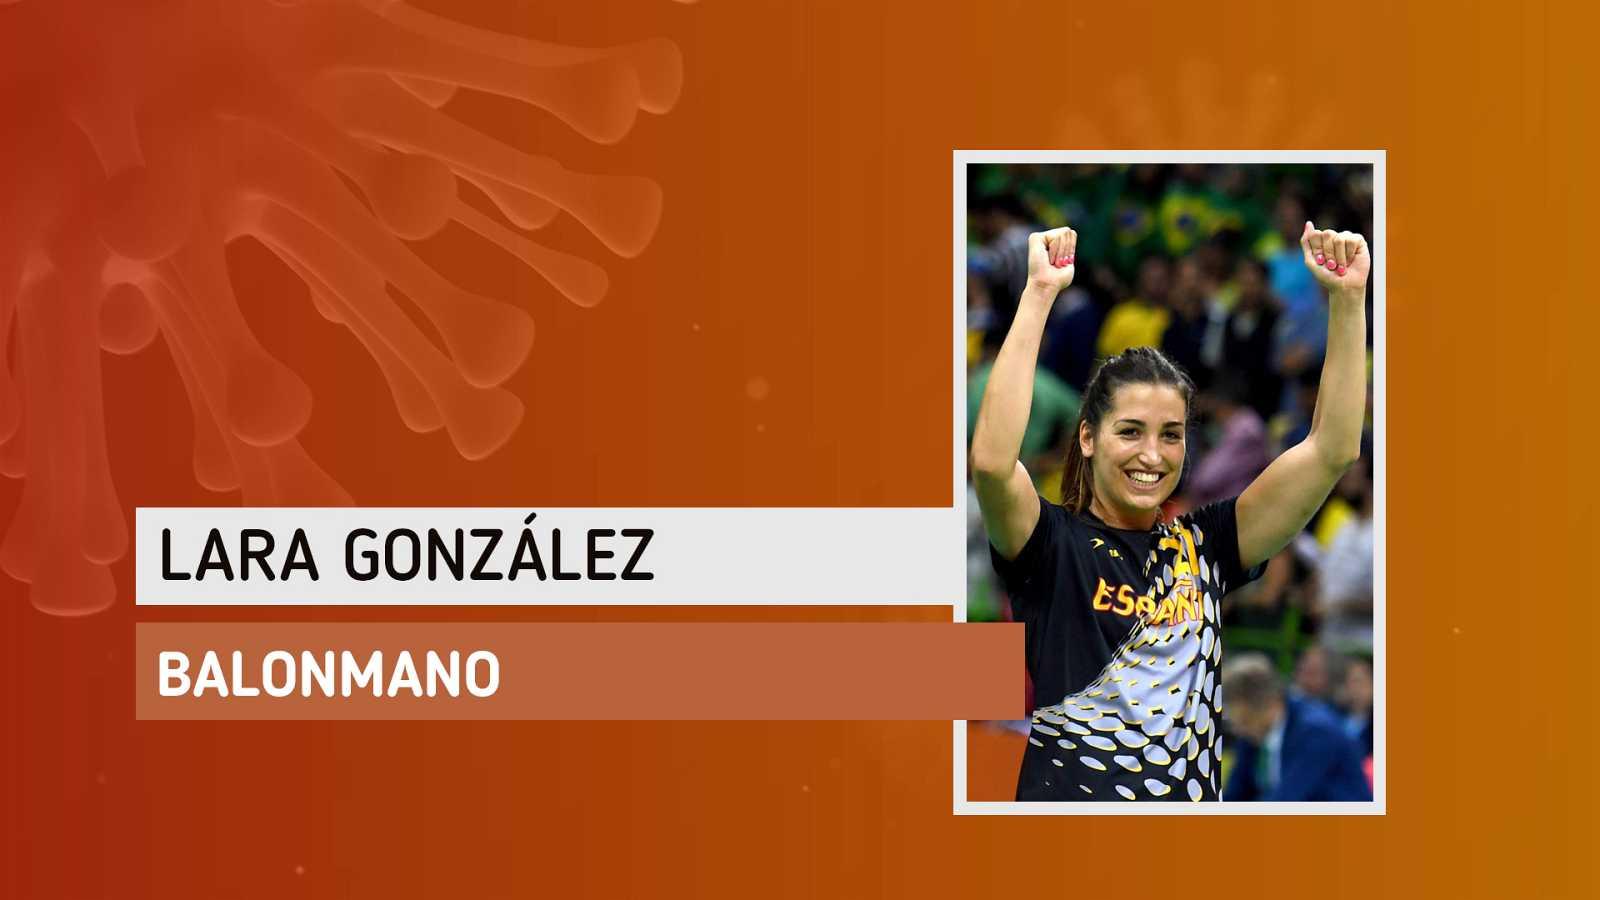 """Lara González: """"Las ayudas con el material deportivo están siendo claves en mis entrenamientos"""""""